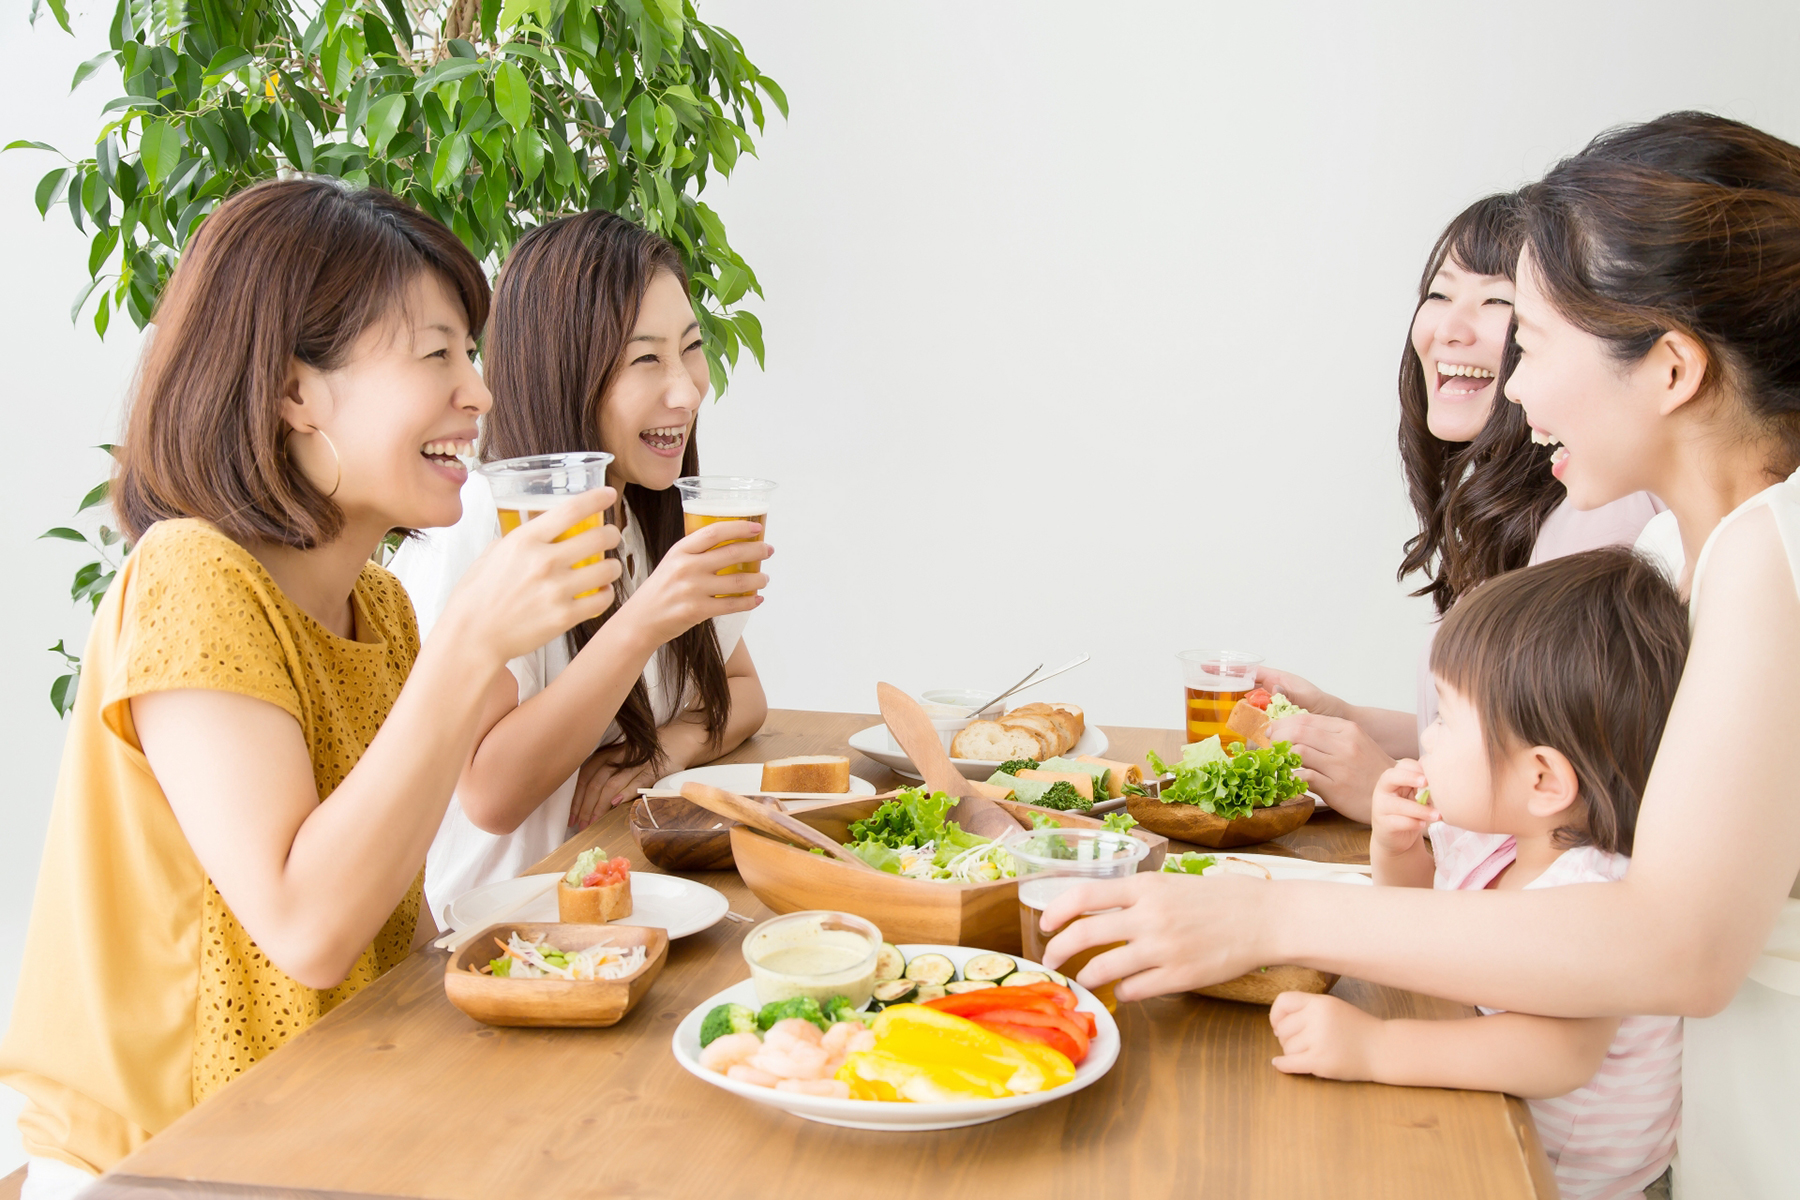 食事をしながら談笑する女性たち